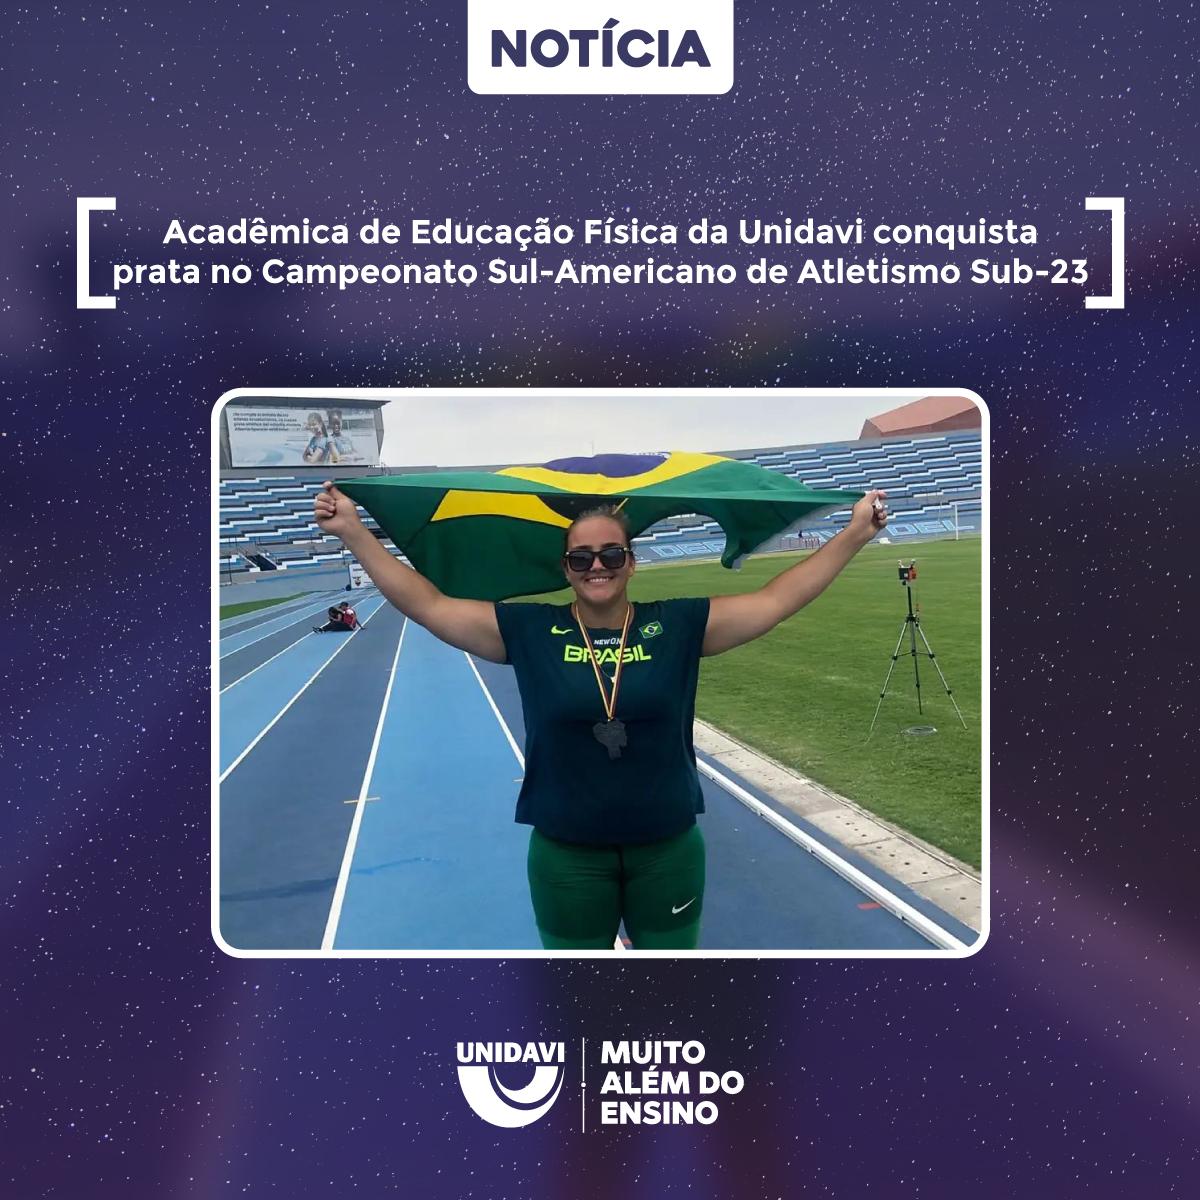 Acadêmica de Educação Física da Unidavi conquista prata no Campeonato Sul-Americano de Atletismo Sub-23